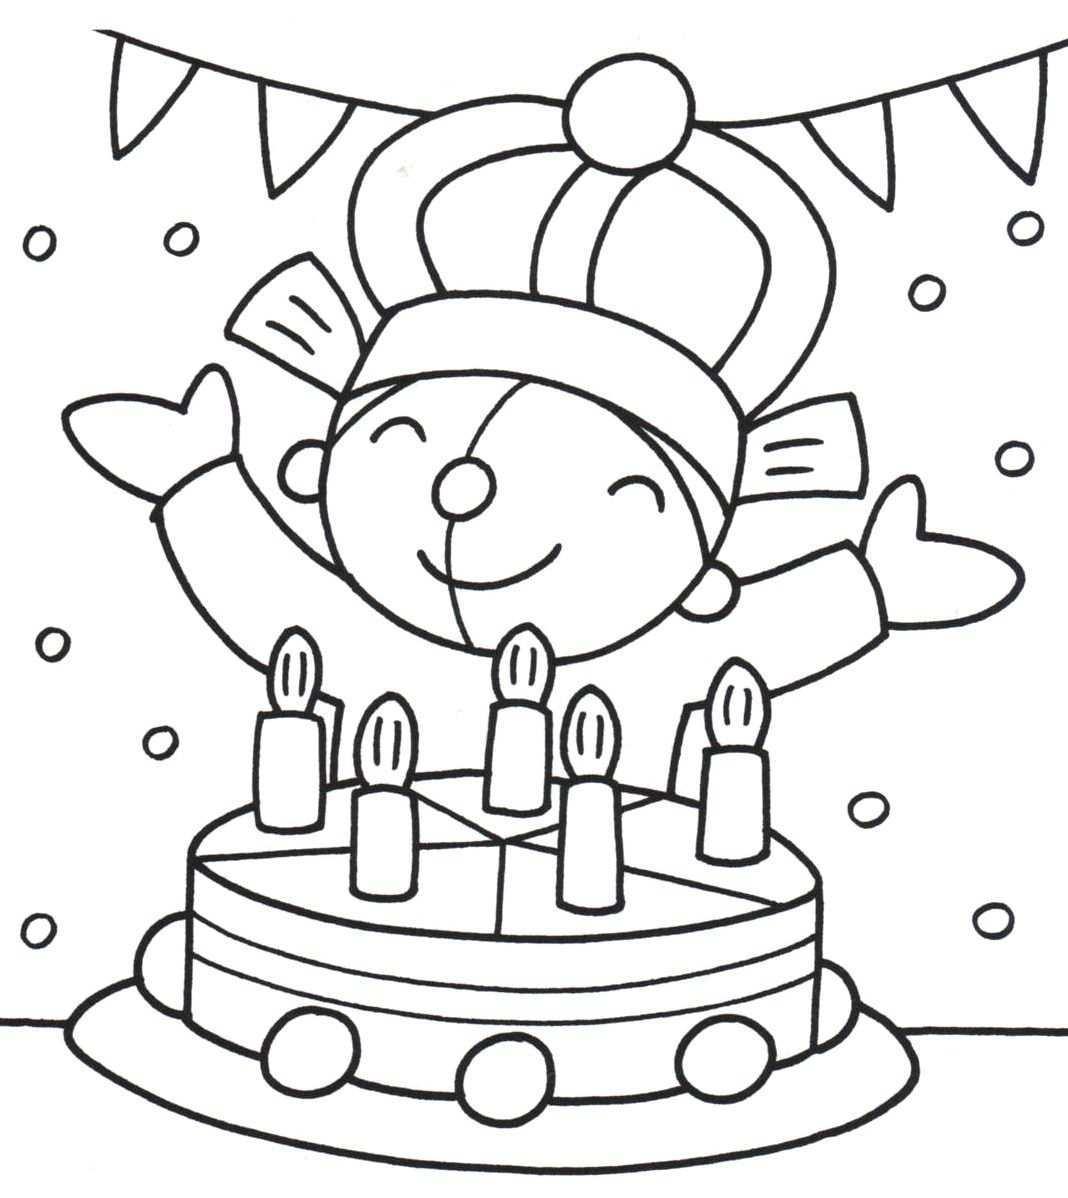 Kleurplaat Pompom Verjaardag Knutselen Met Verjaardag Verjaardagskalender Thema